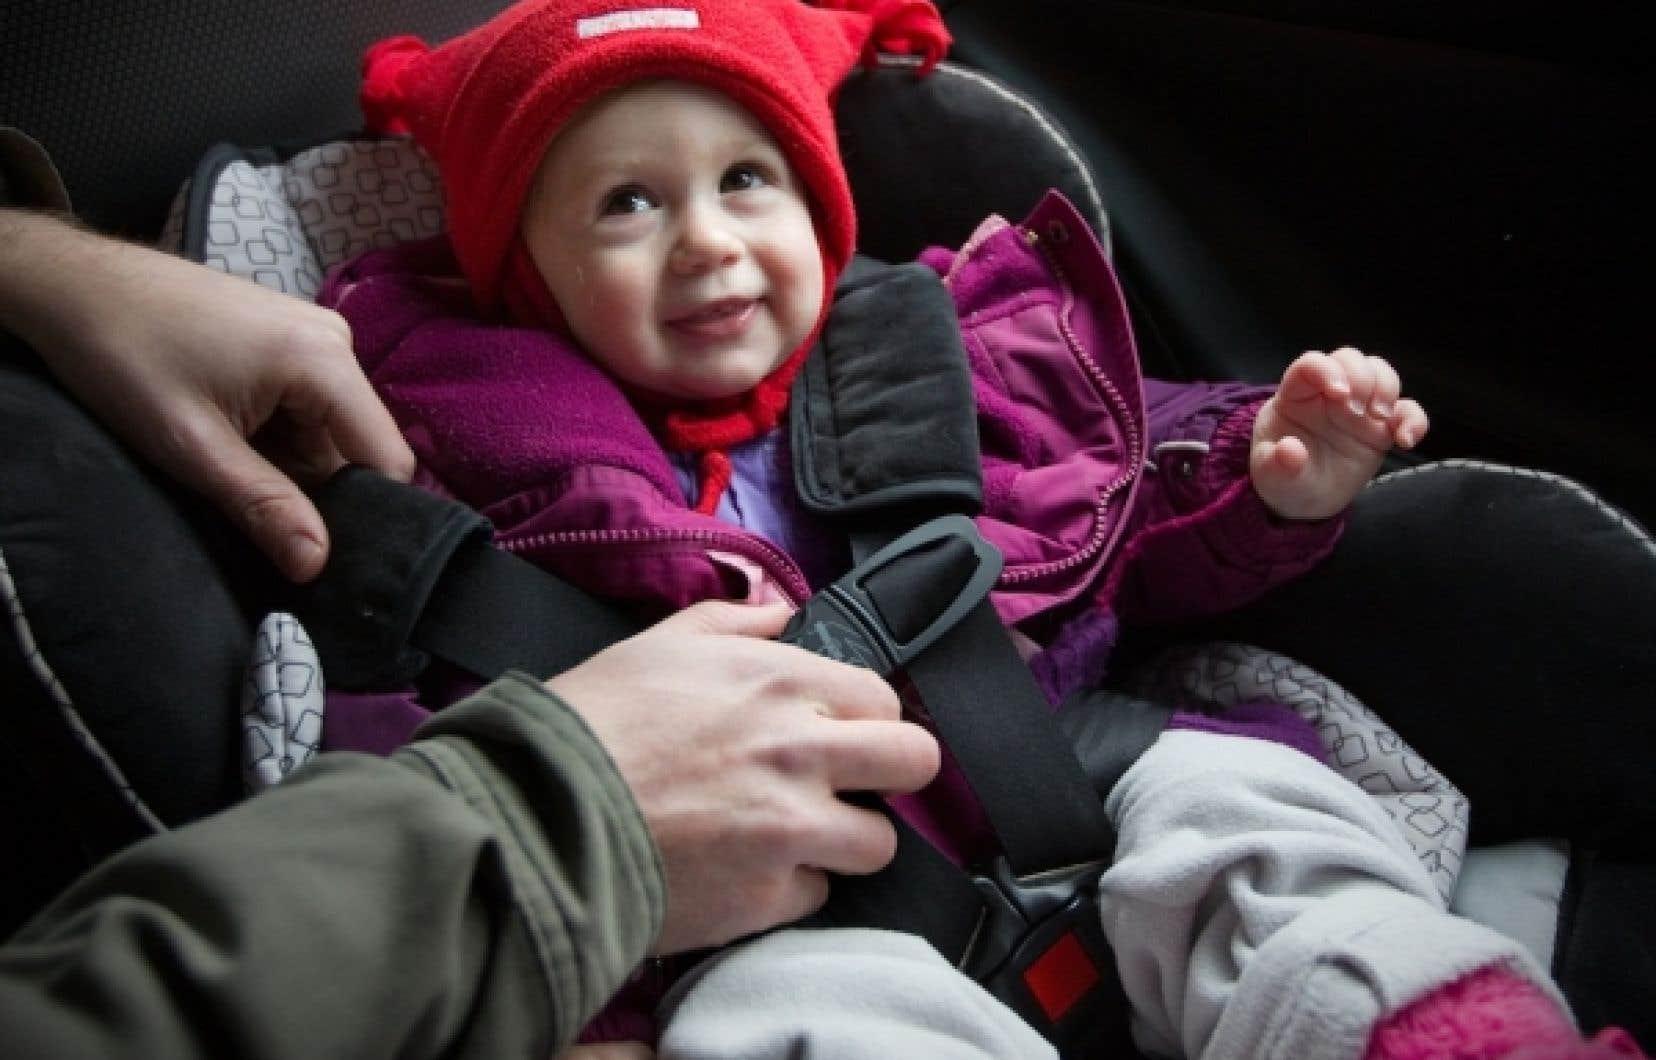 La r&eacute;glementation canadienne sur les si&egrave;ges d&rsquo;auto pour enfants se classe parmi les plus s&eacute;v&egrave;res au monde. Un nouveau r&egrave;glement entre en vigueur le 1er janvier.<br />